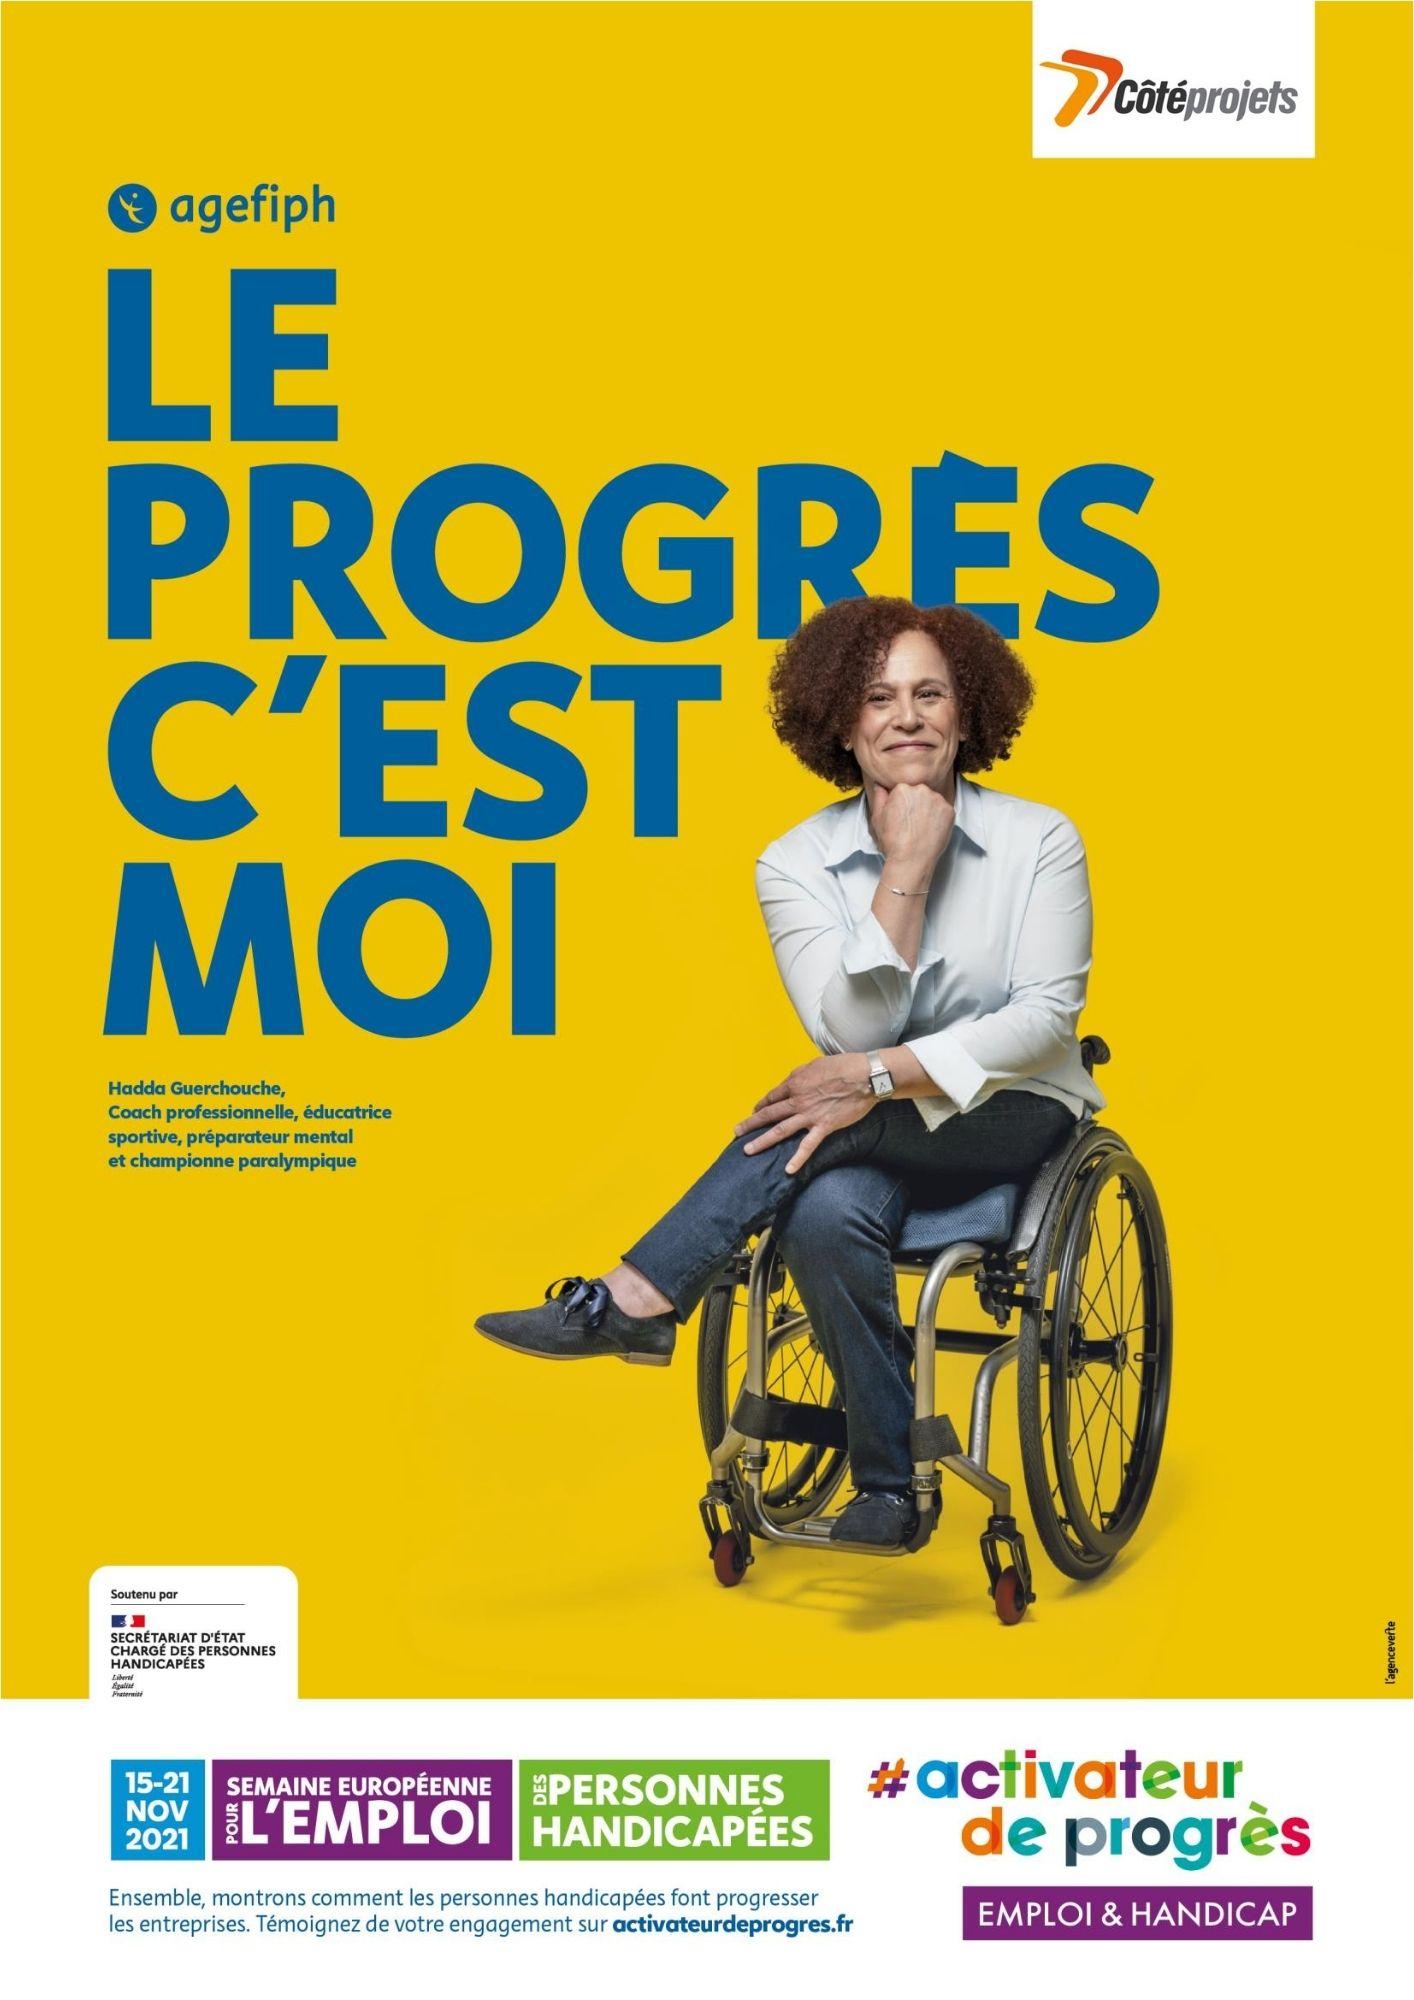 Côté Projets, validation de notre engagement comme Activateur de progrès pour l'emploi et le handicap